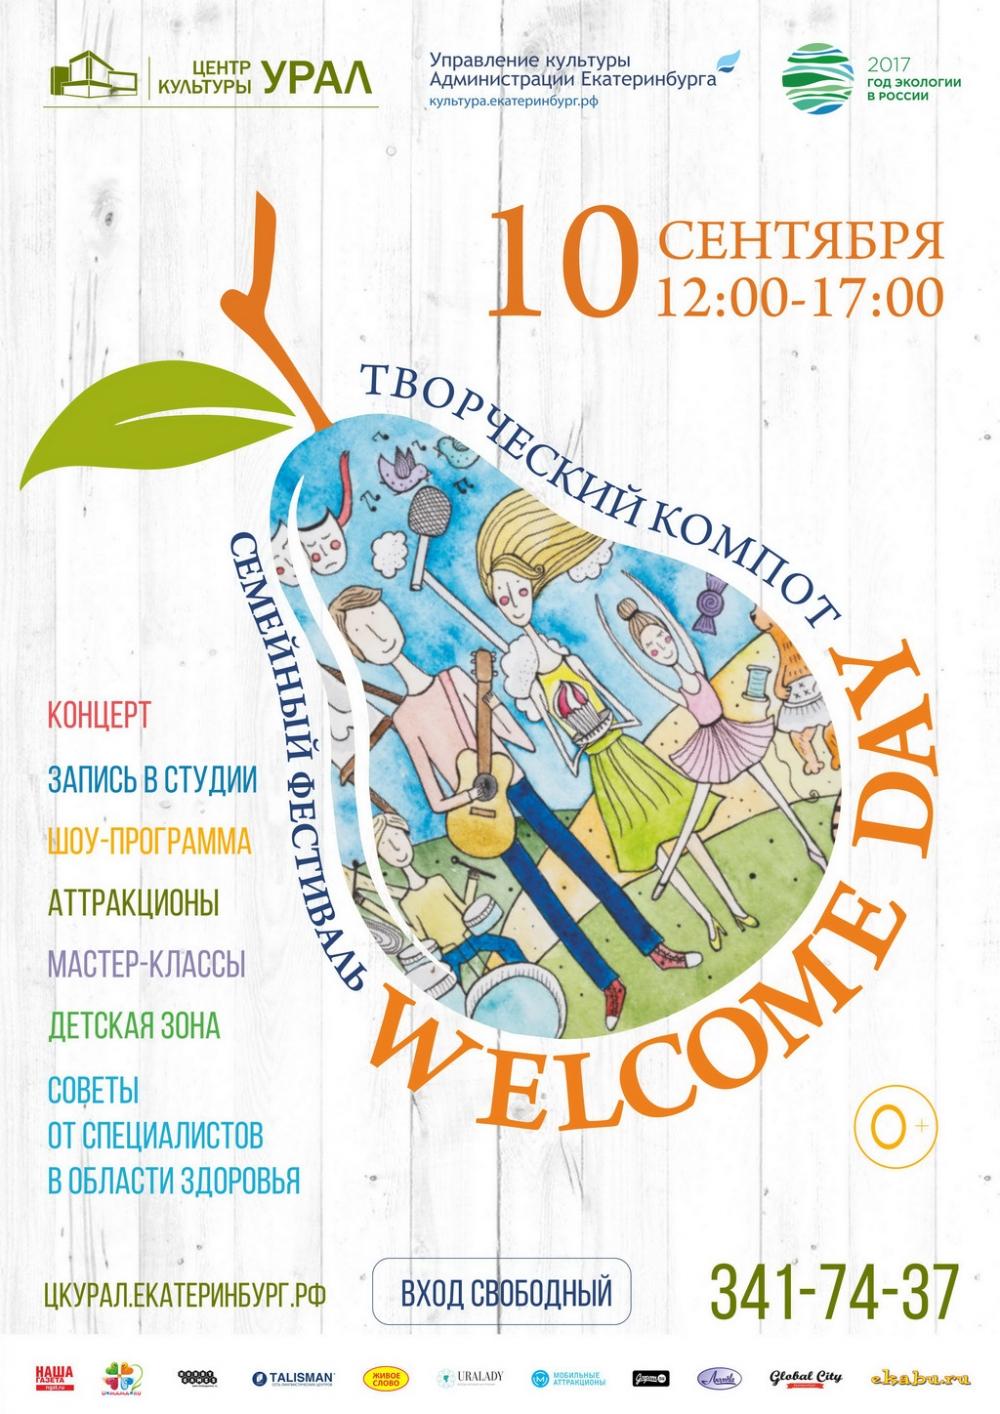 Целый день в ЦК «Урал» в распоряжении маленьких уральцев.